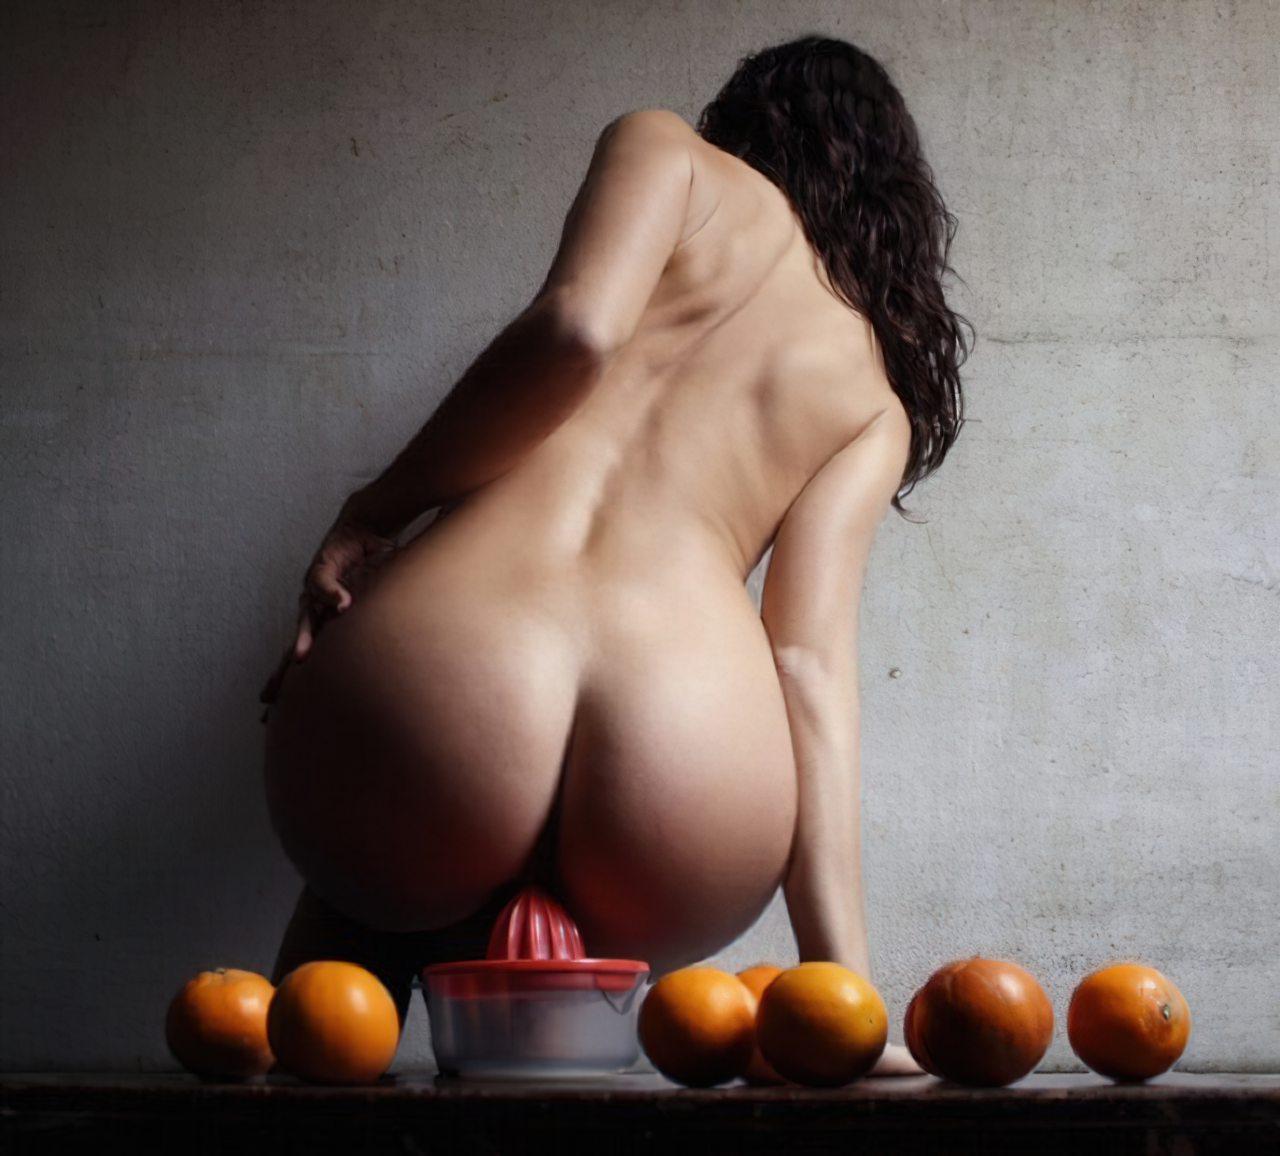 Fotos de Mulheres Peladas (39)